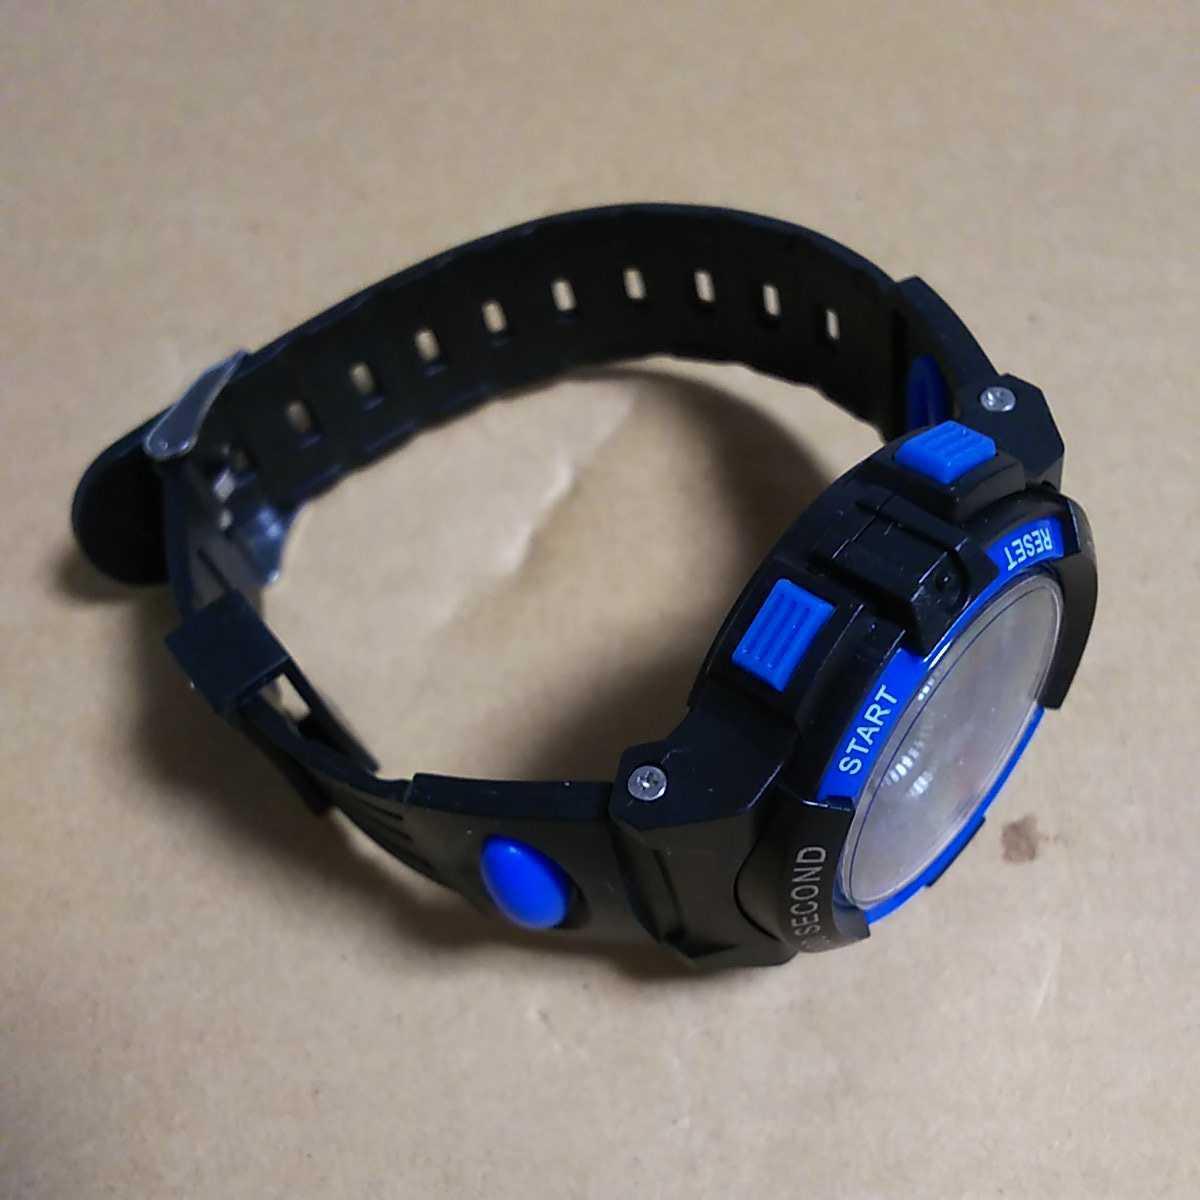 ◆デジタル腕時計 防水腕時計 スポーツウォッチ ストップウォッチ機能付 30M防水 ブルー_画像2